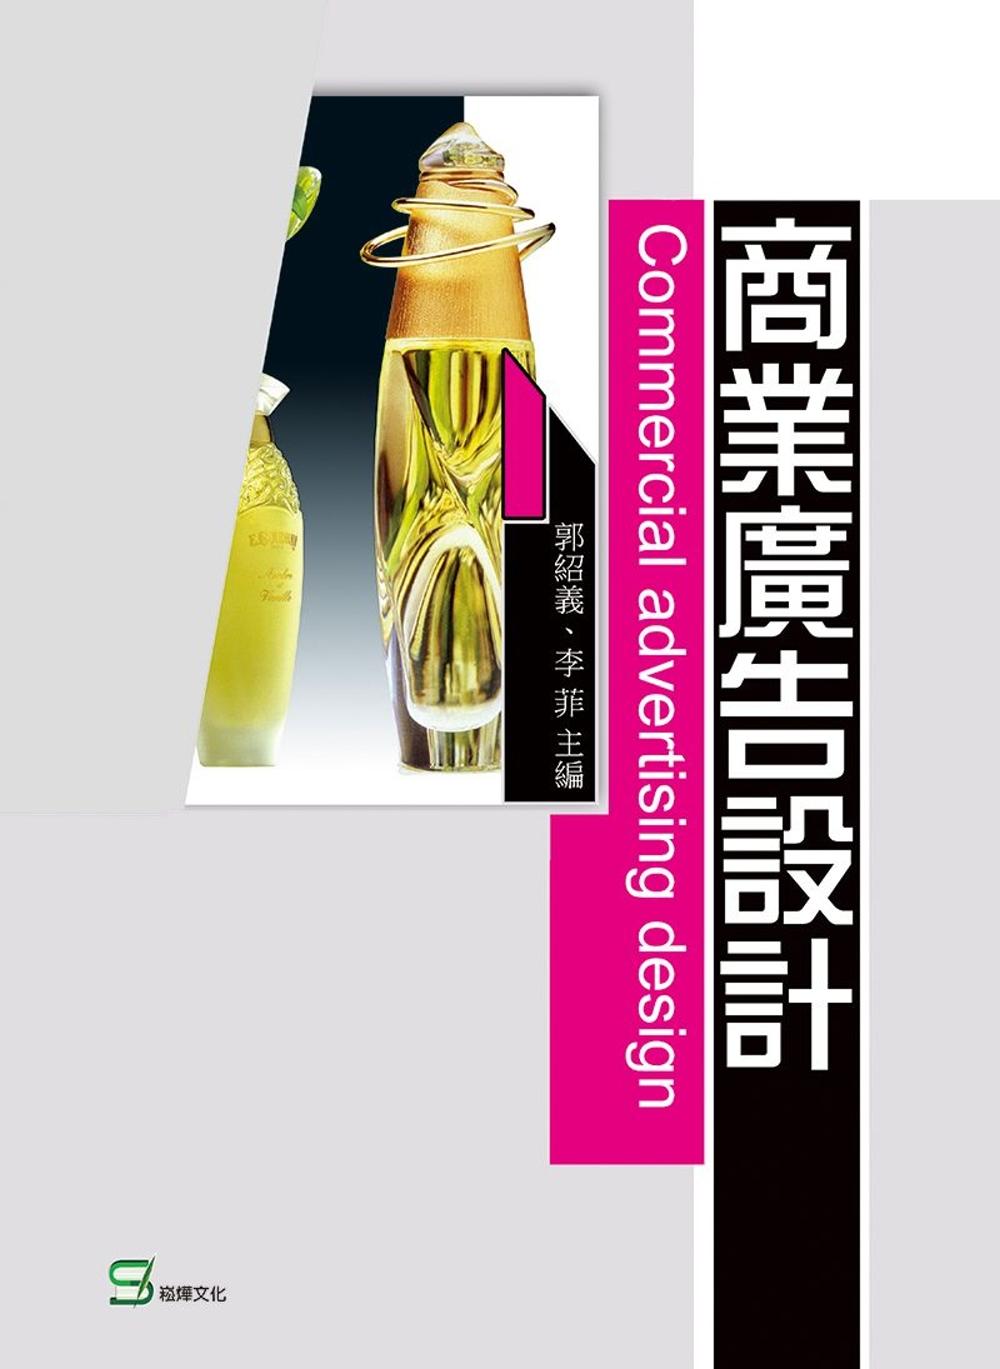 商業廣告設計